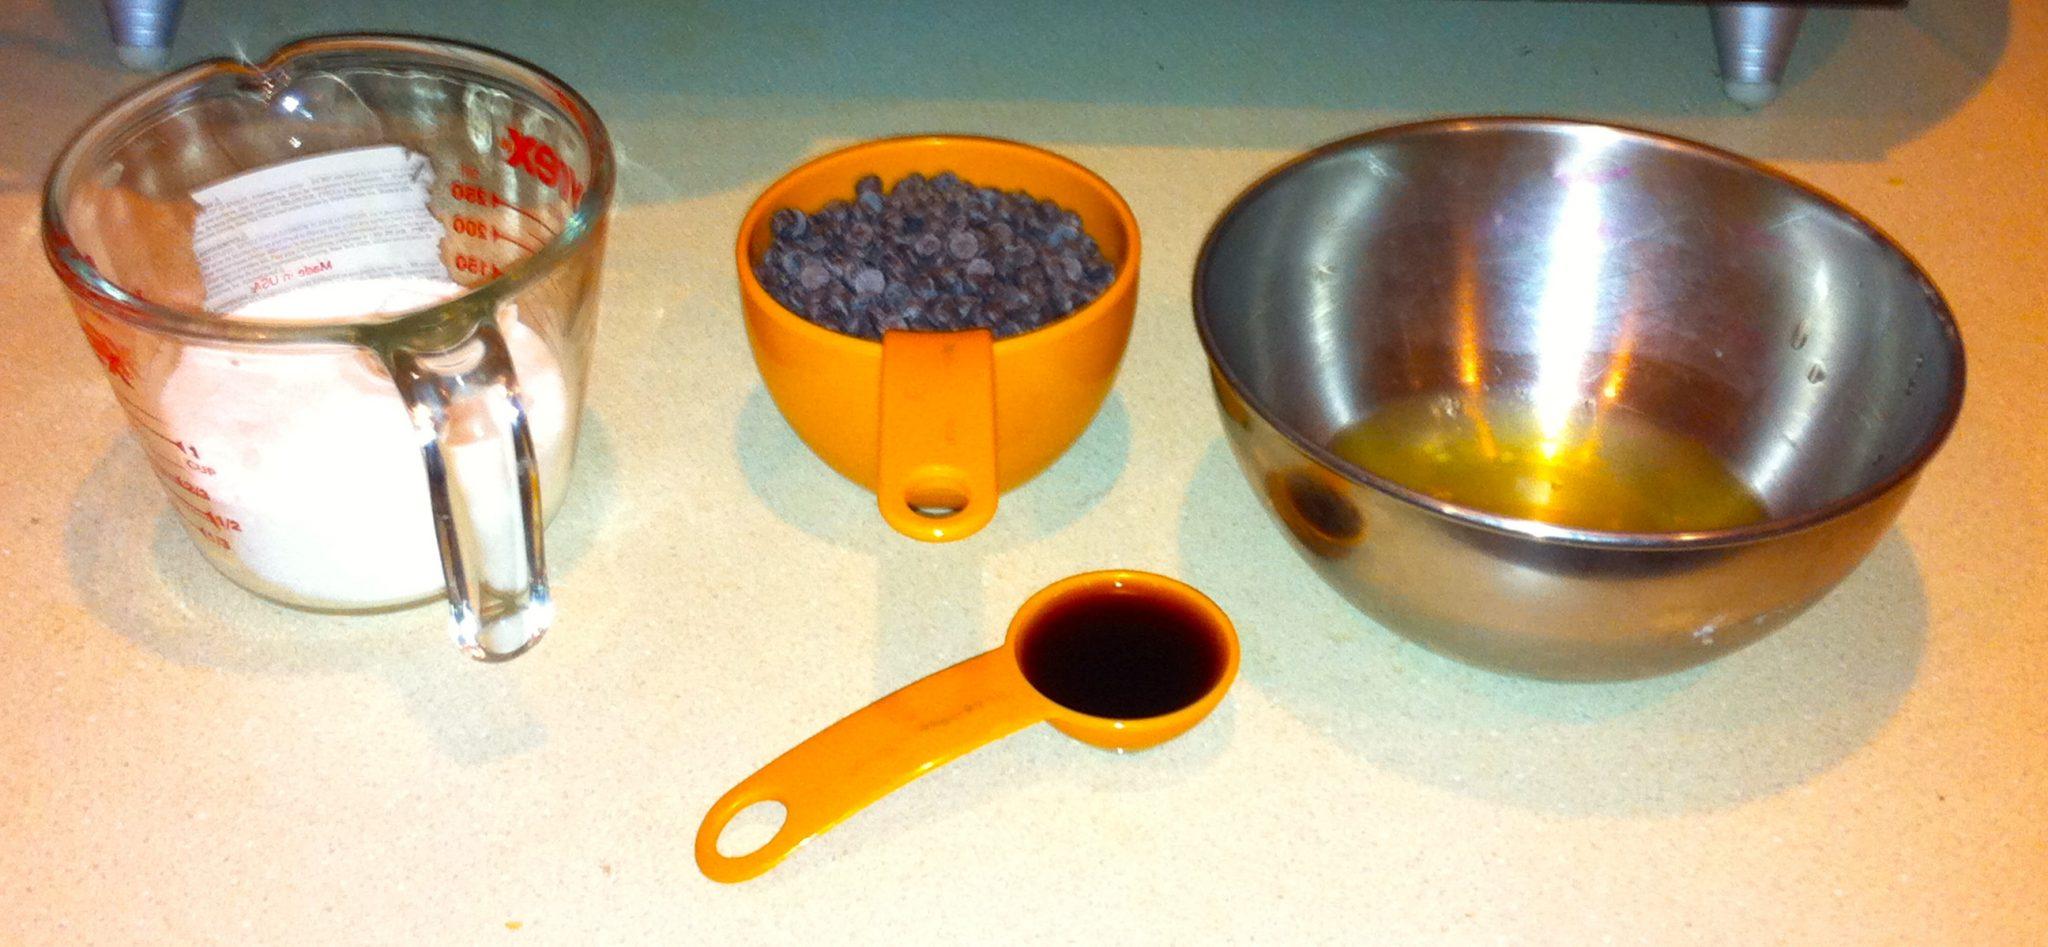 Meringue Cookie Ingredients